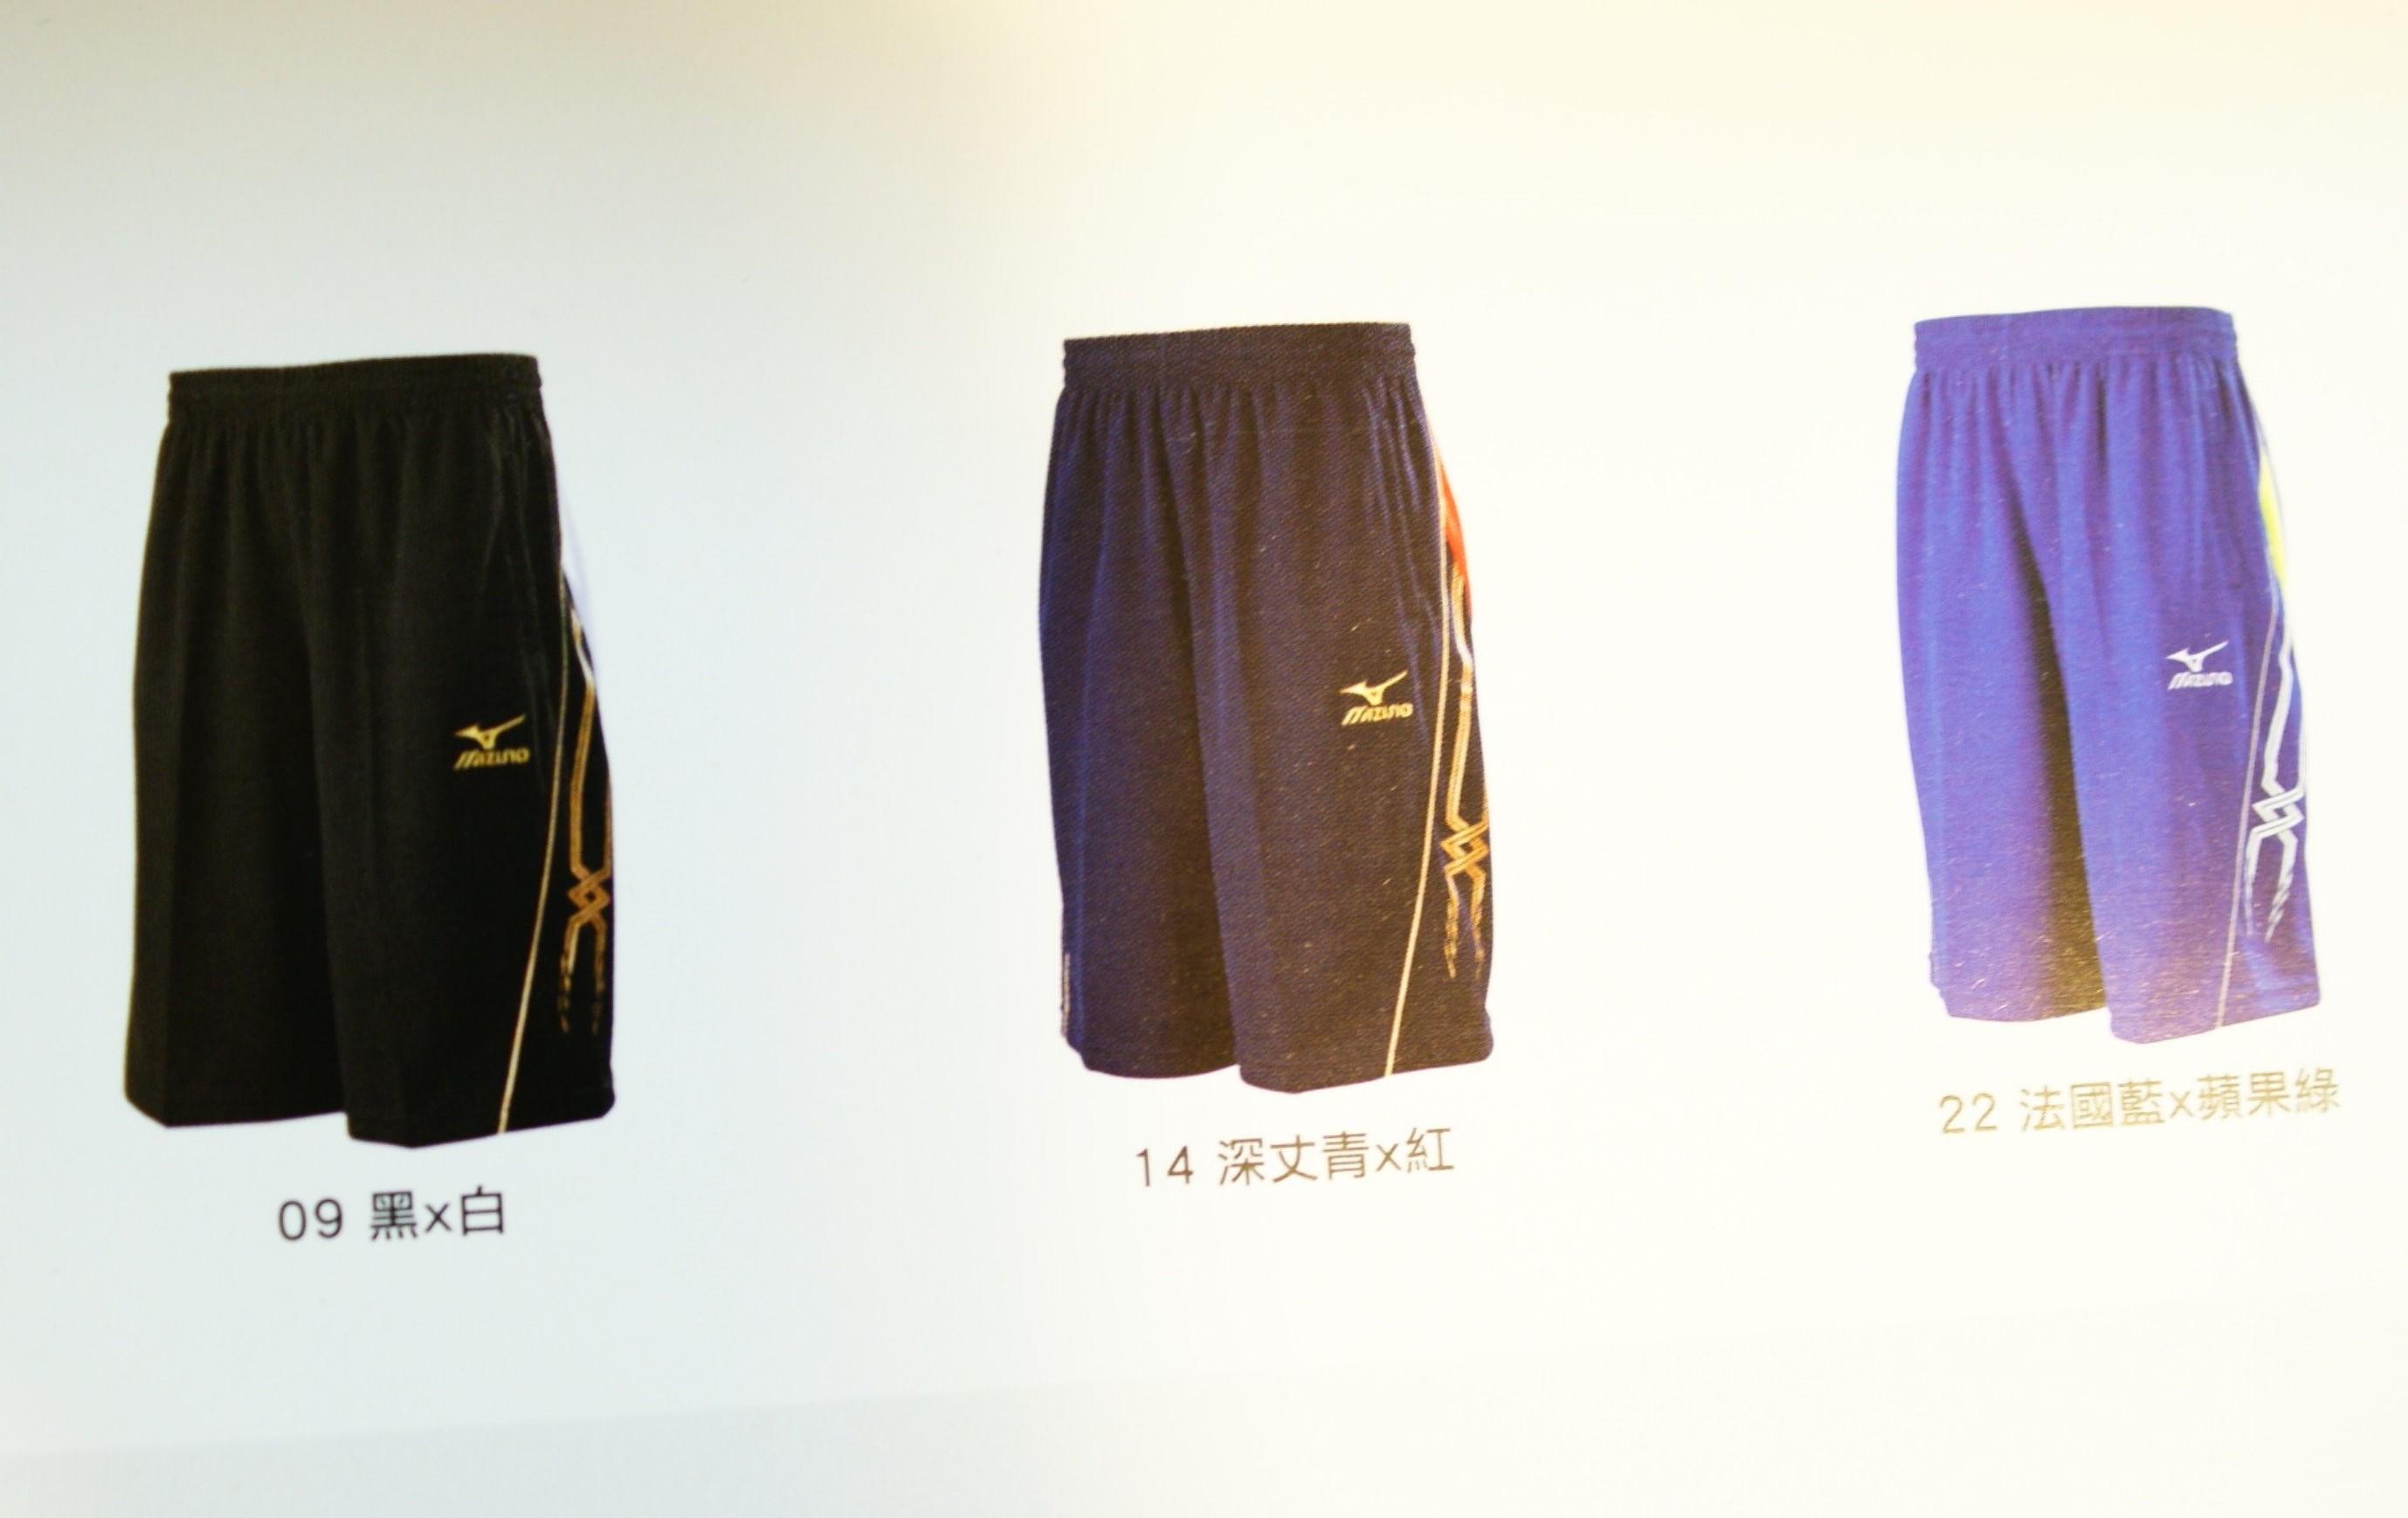 棒球世界 全新2015下半季MIZUNO 美津濃 針織短褲 練習褲 抗紫外線 特價三色